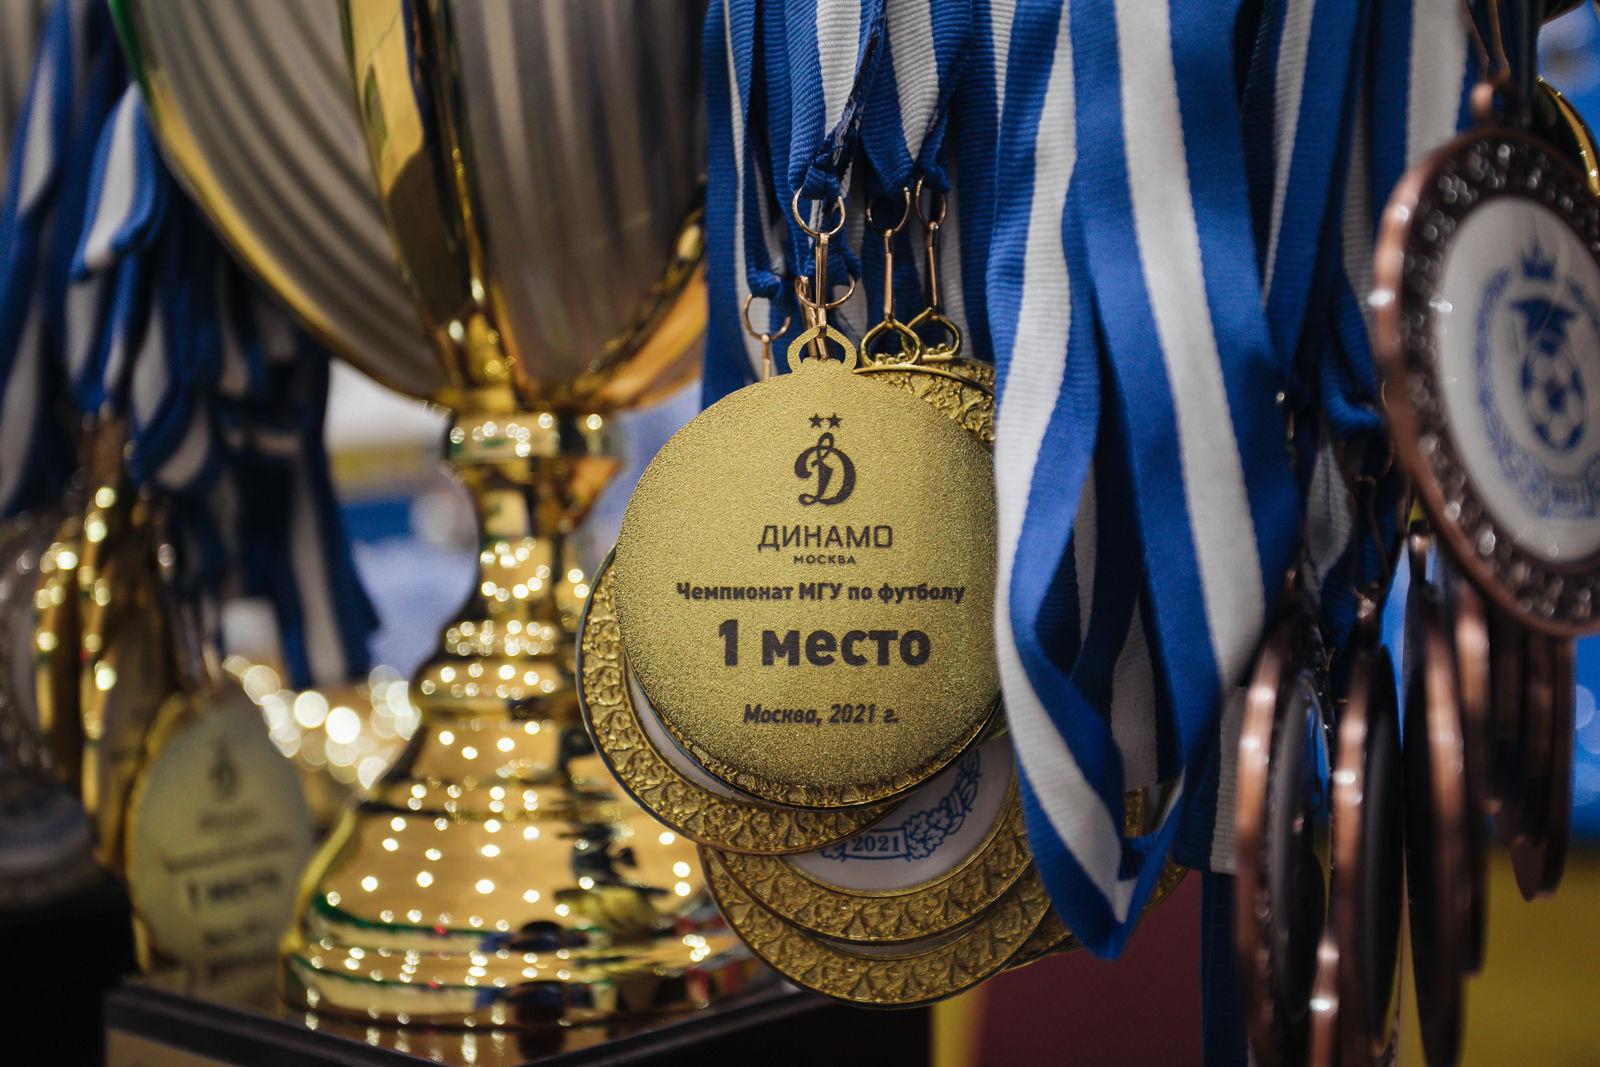 Чемпионат МГУ. Финальные игры при поддержке ФК «Динамо» и Банка ВТБ